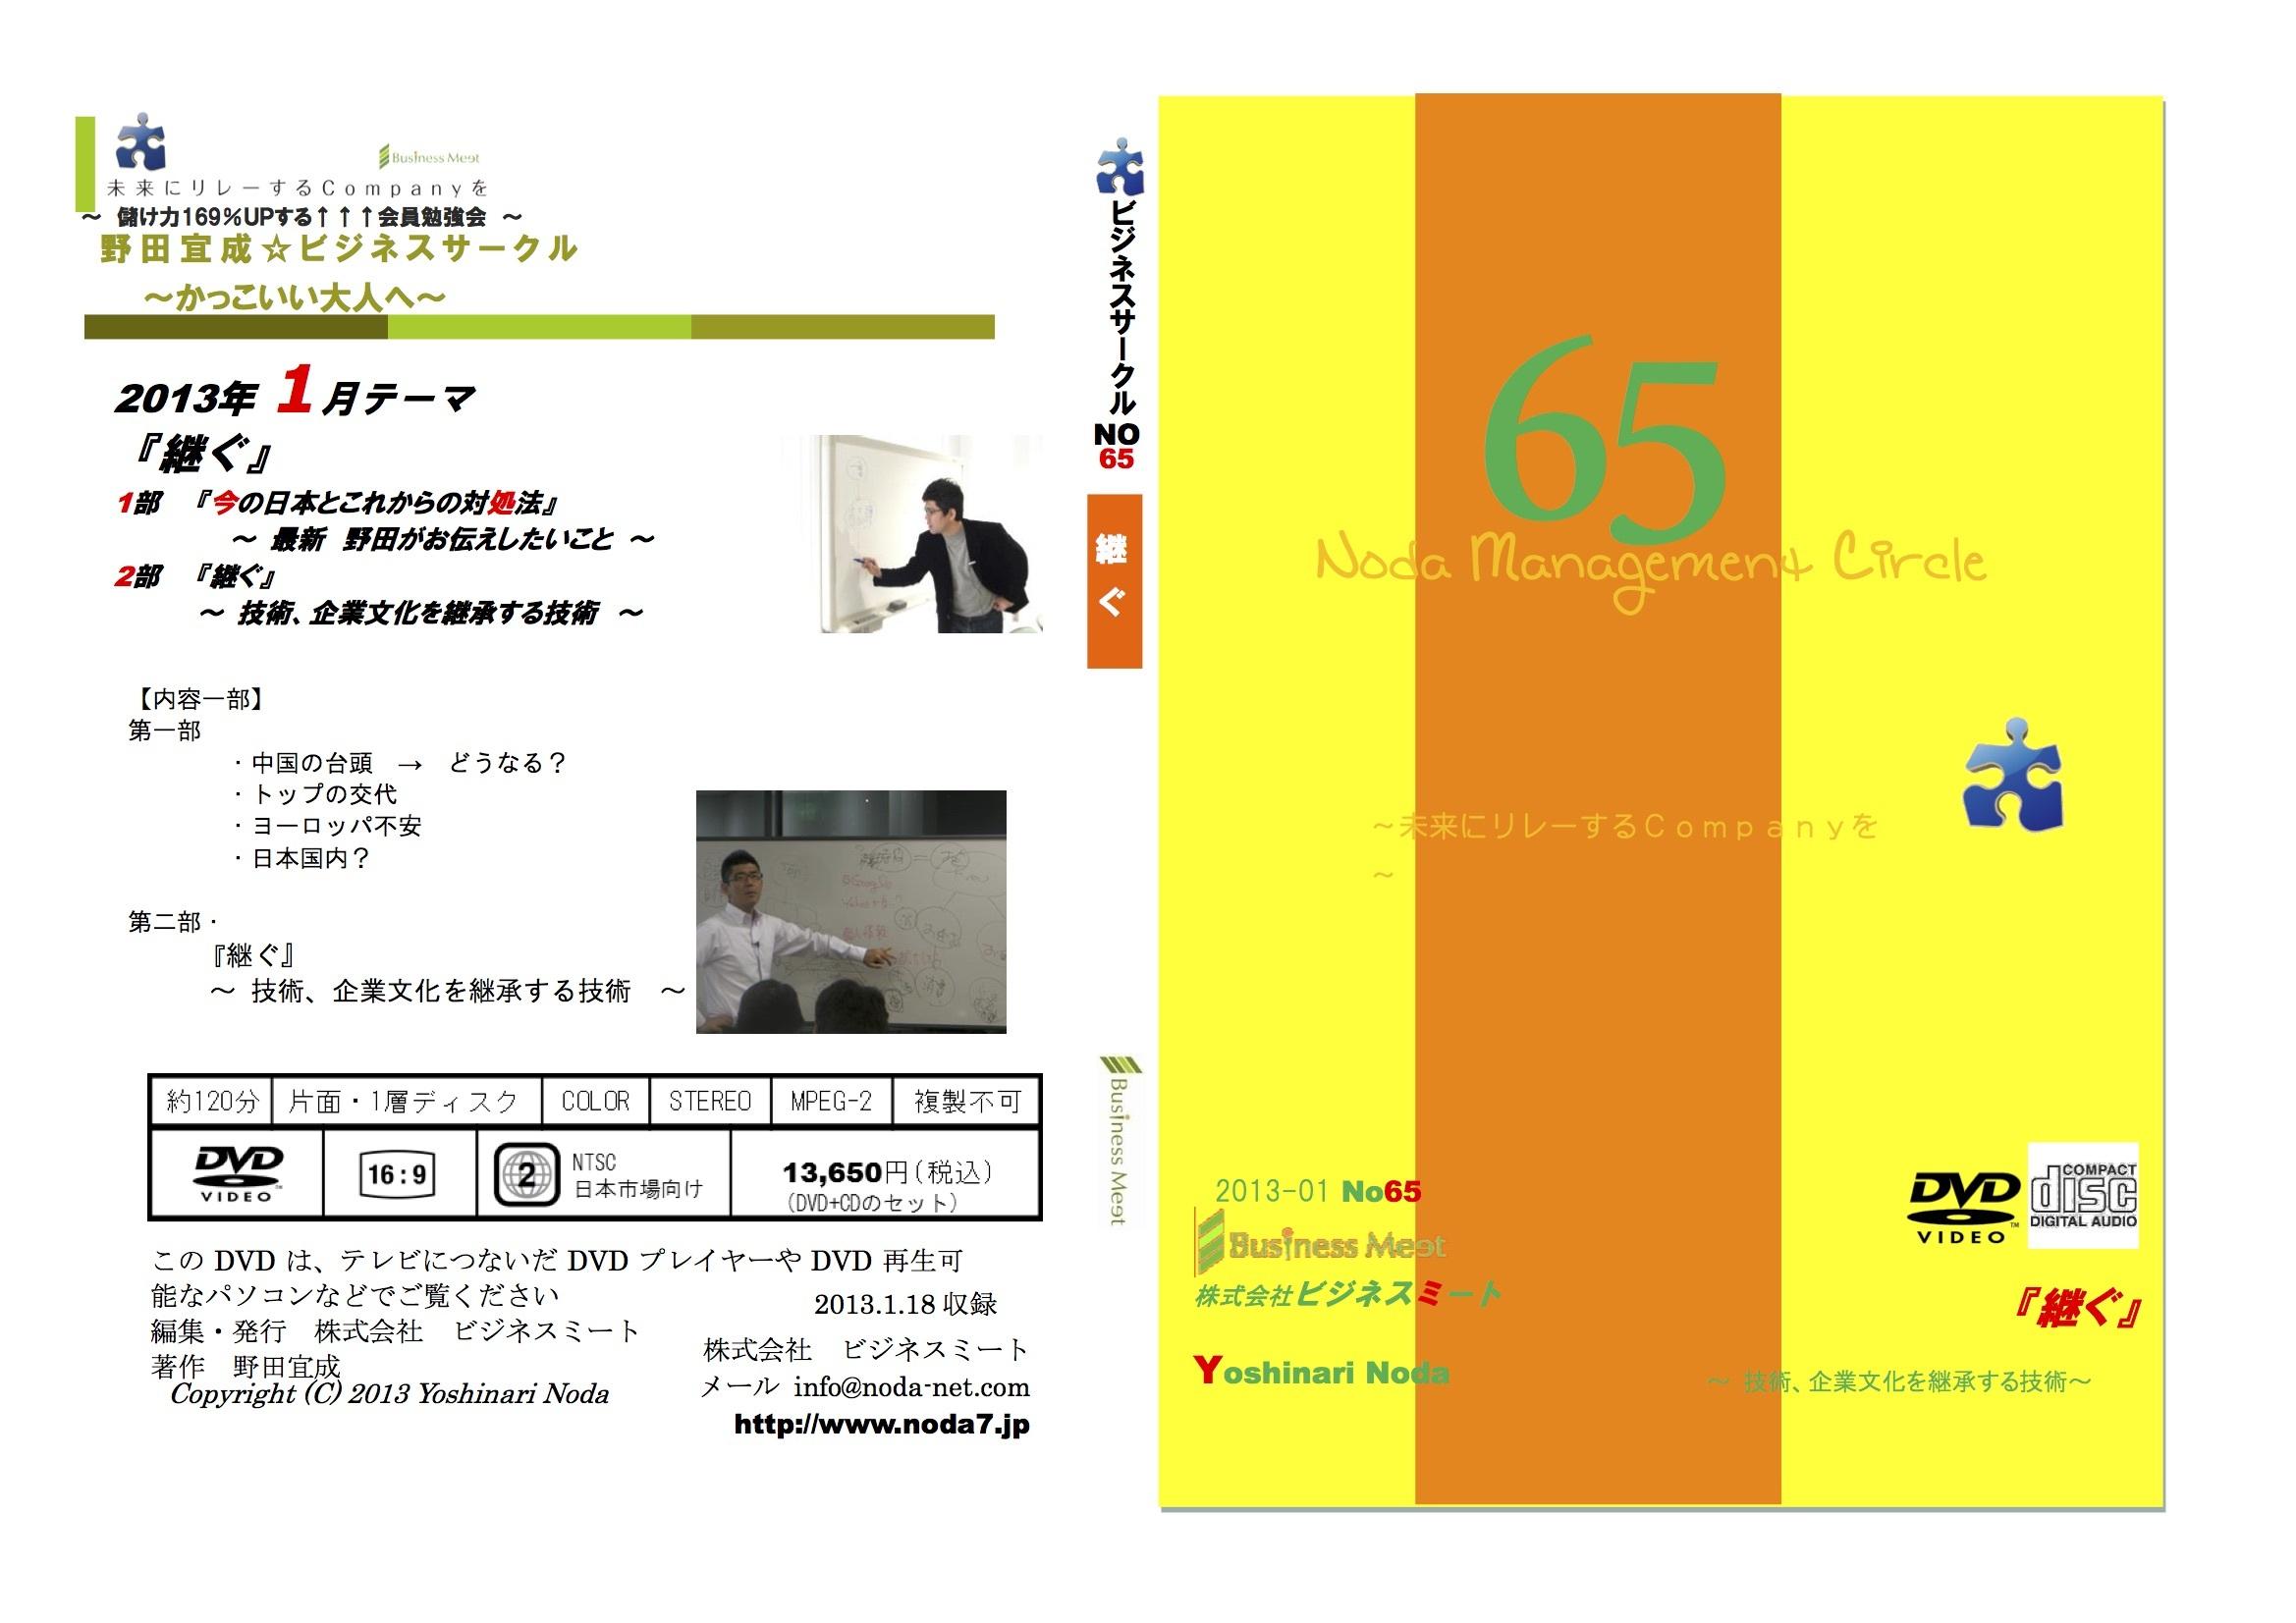 第65回'13年1月『継ぐ』~技術、企業文化を継承する技術~